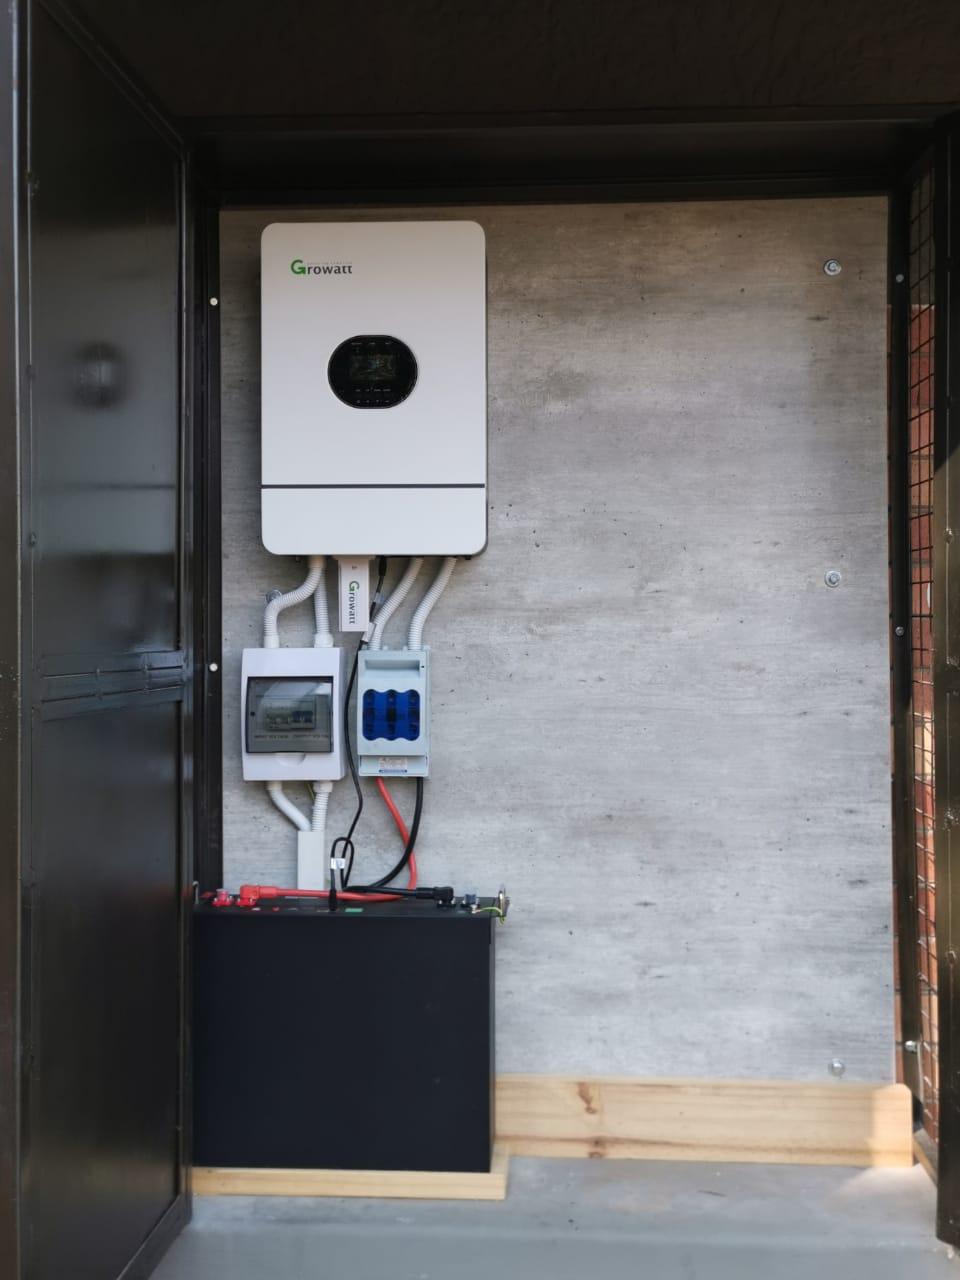 Growatt-inverter-solar-installations-supply-green-energy